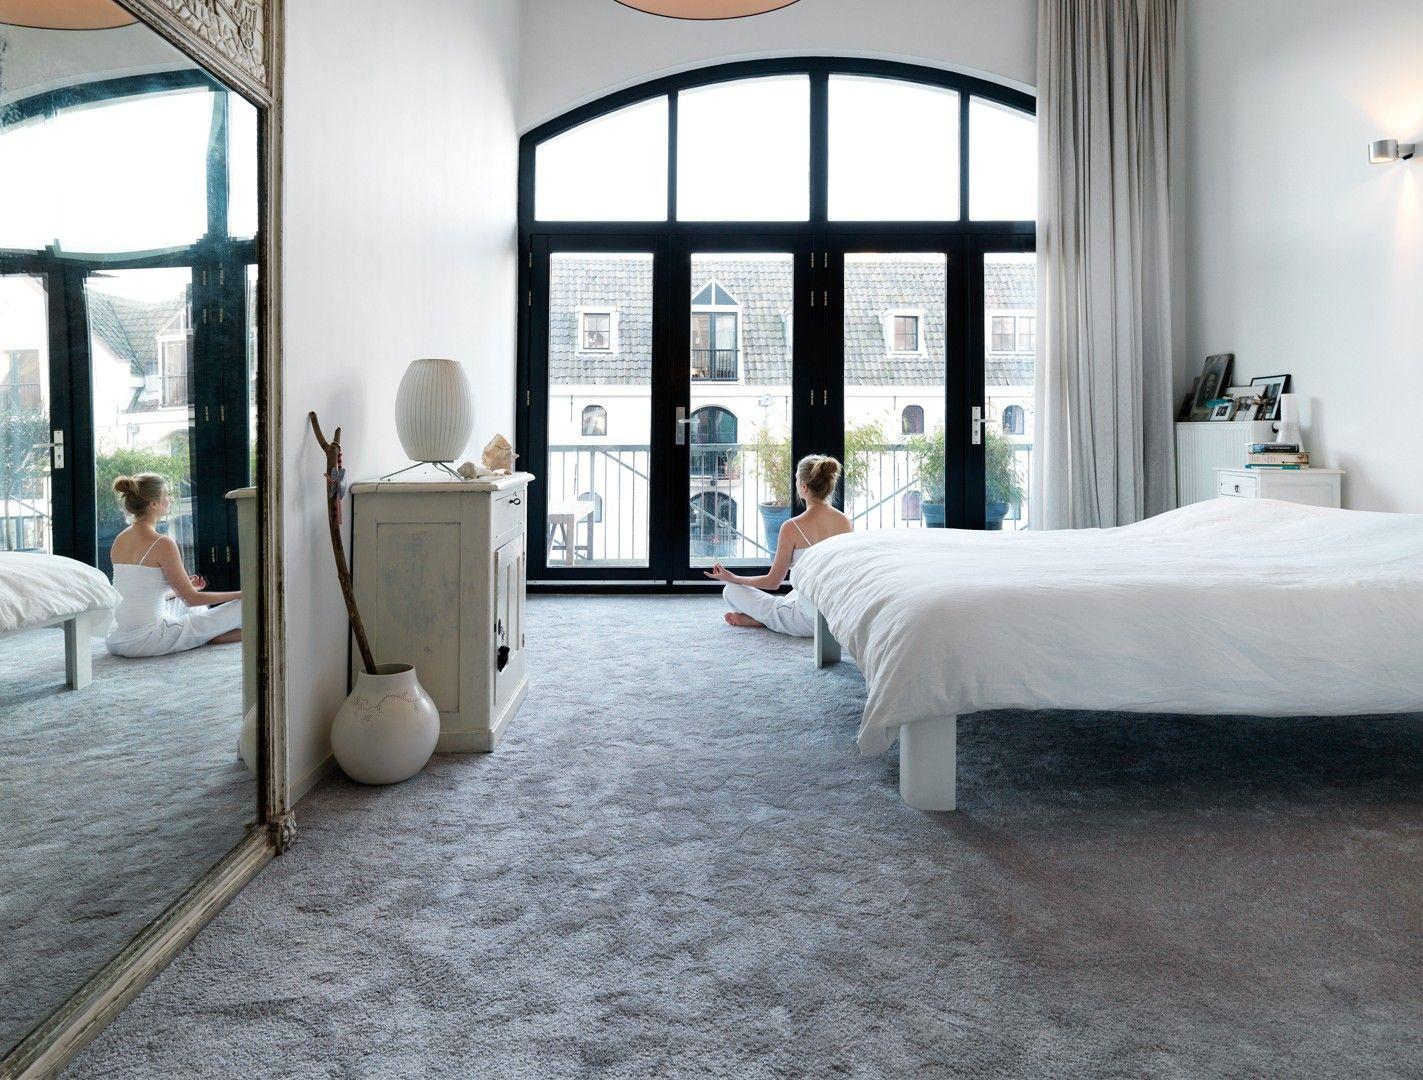 Vloerbedekking slaapkamer tapijt tg wonen pinterest slaapkamer tapijt kleuren en doors - Tapijt voor volwassen kamer ...